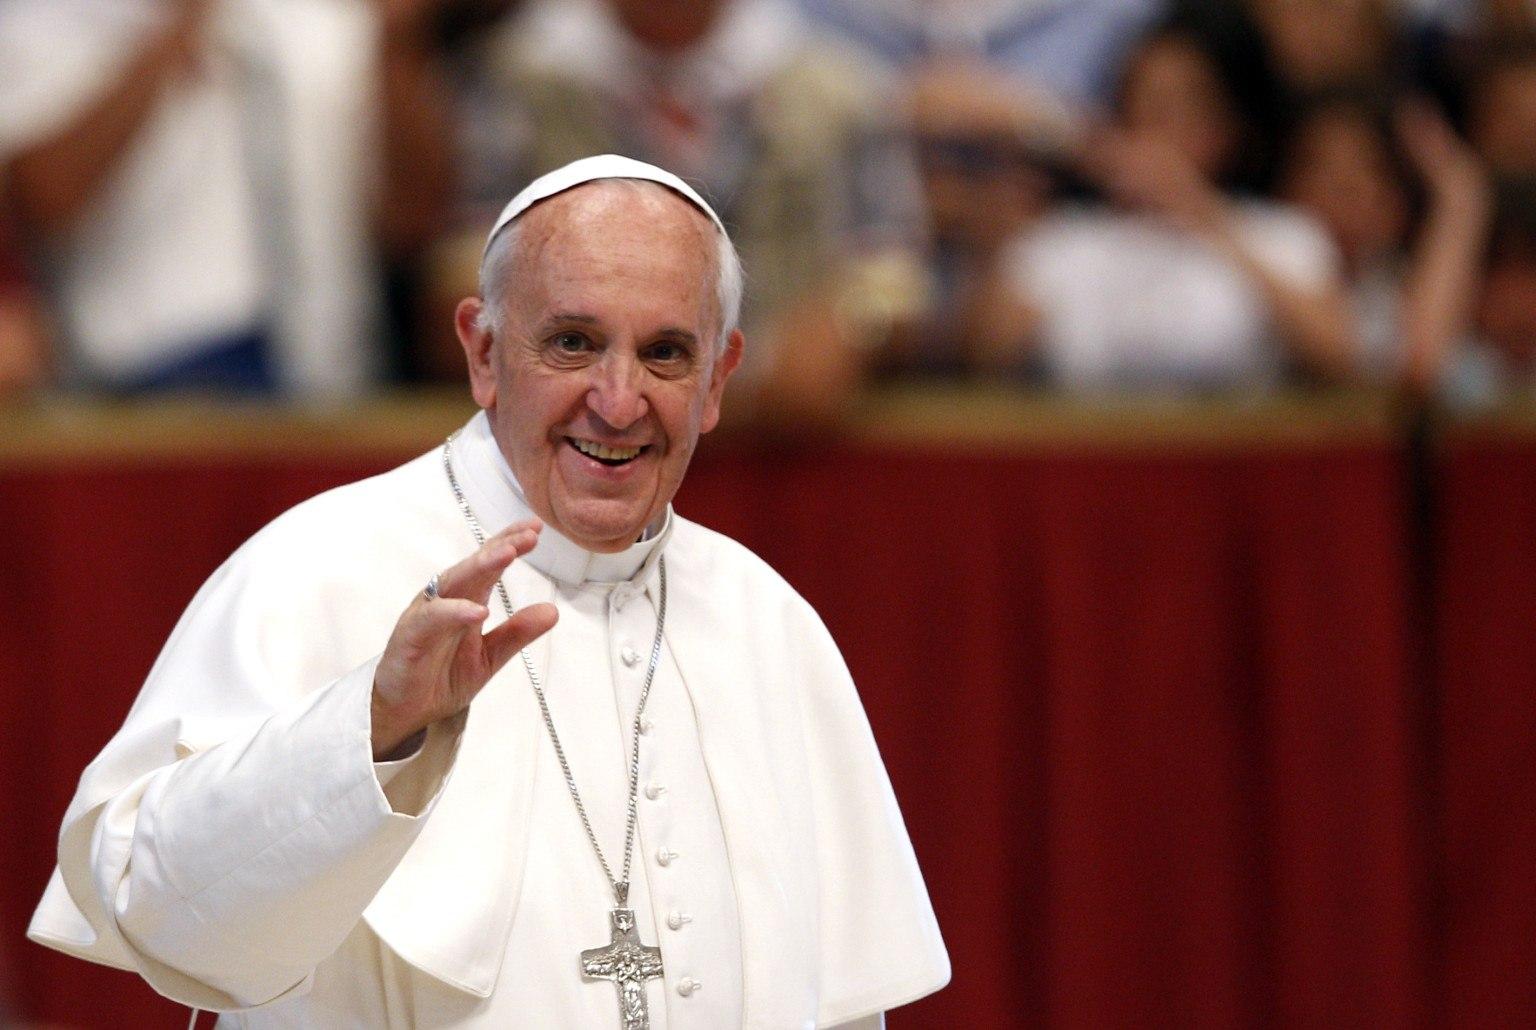 Папа про дар відкритого серця та ідолопоклонство звичкам.